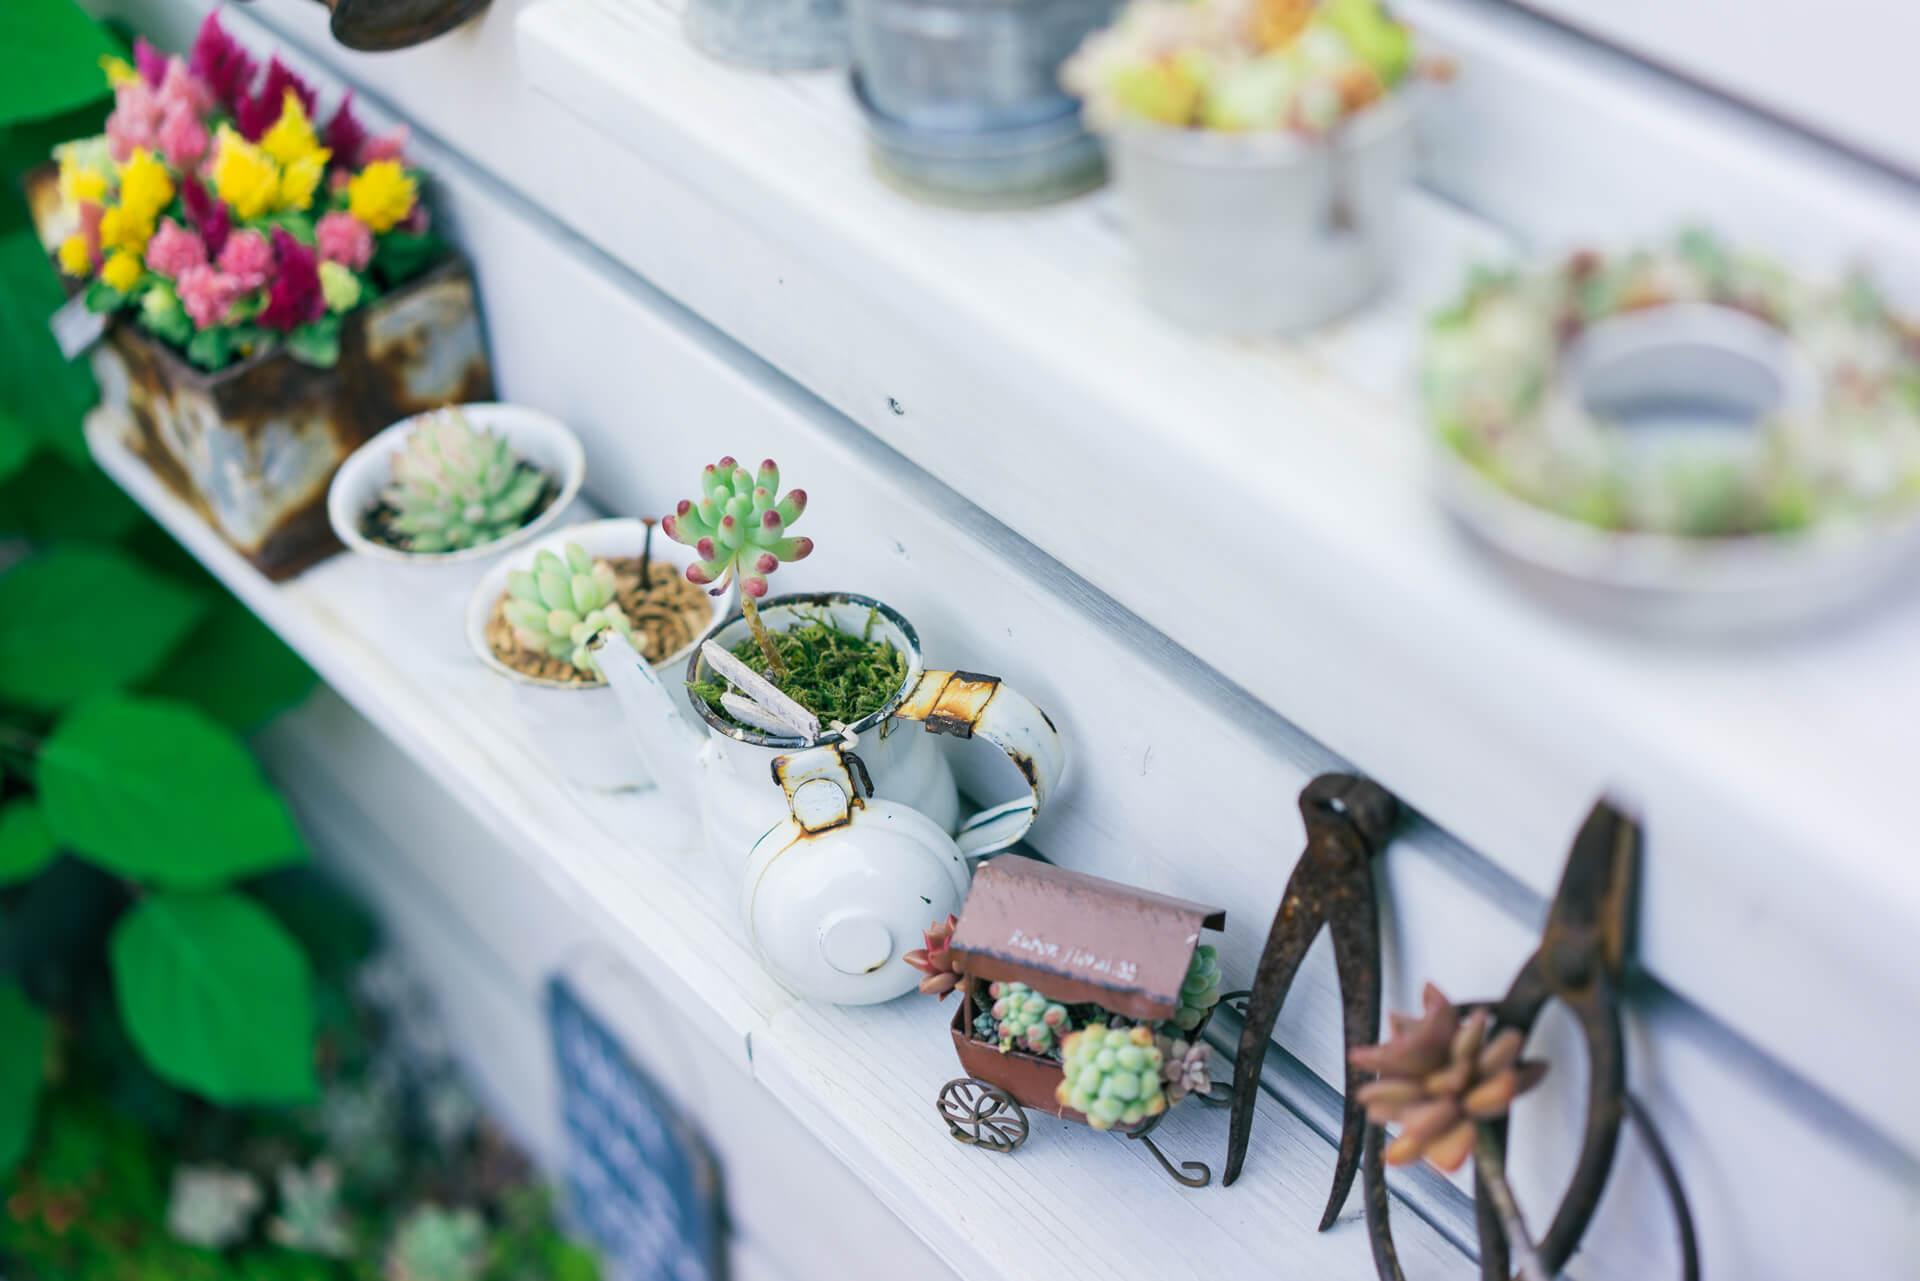 紅茶の缶や、ホーローの食器などにも穴をあけて多肉を植えます。小さな雑貨の中に植えると、まるでミニチュアの森林みたいな雰囲気。